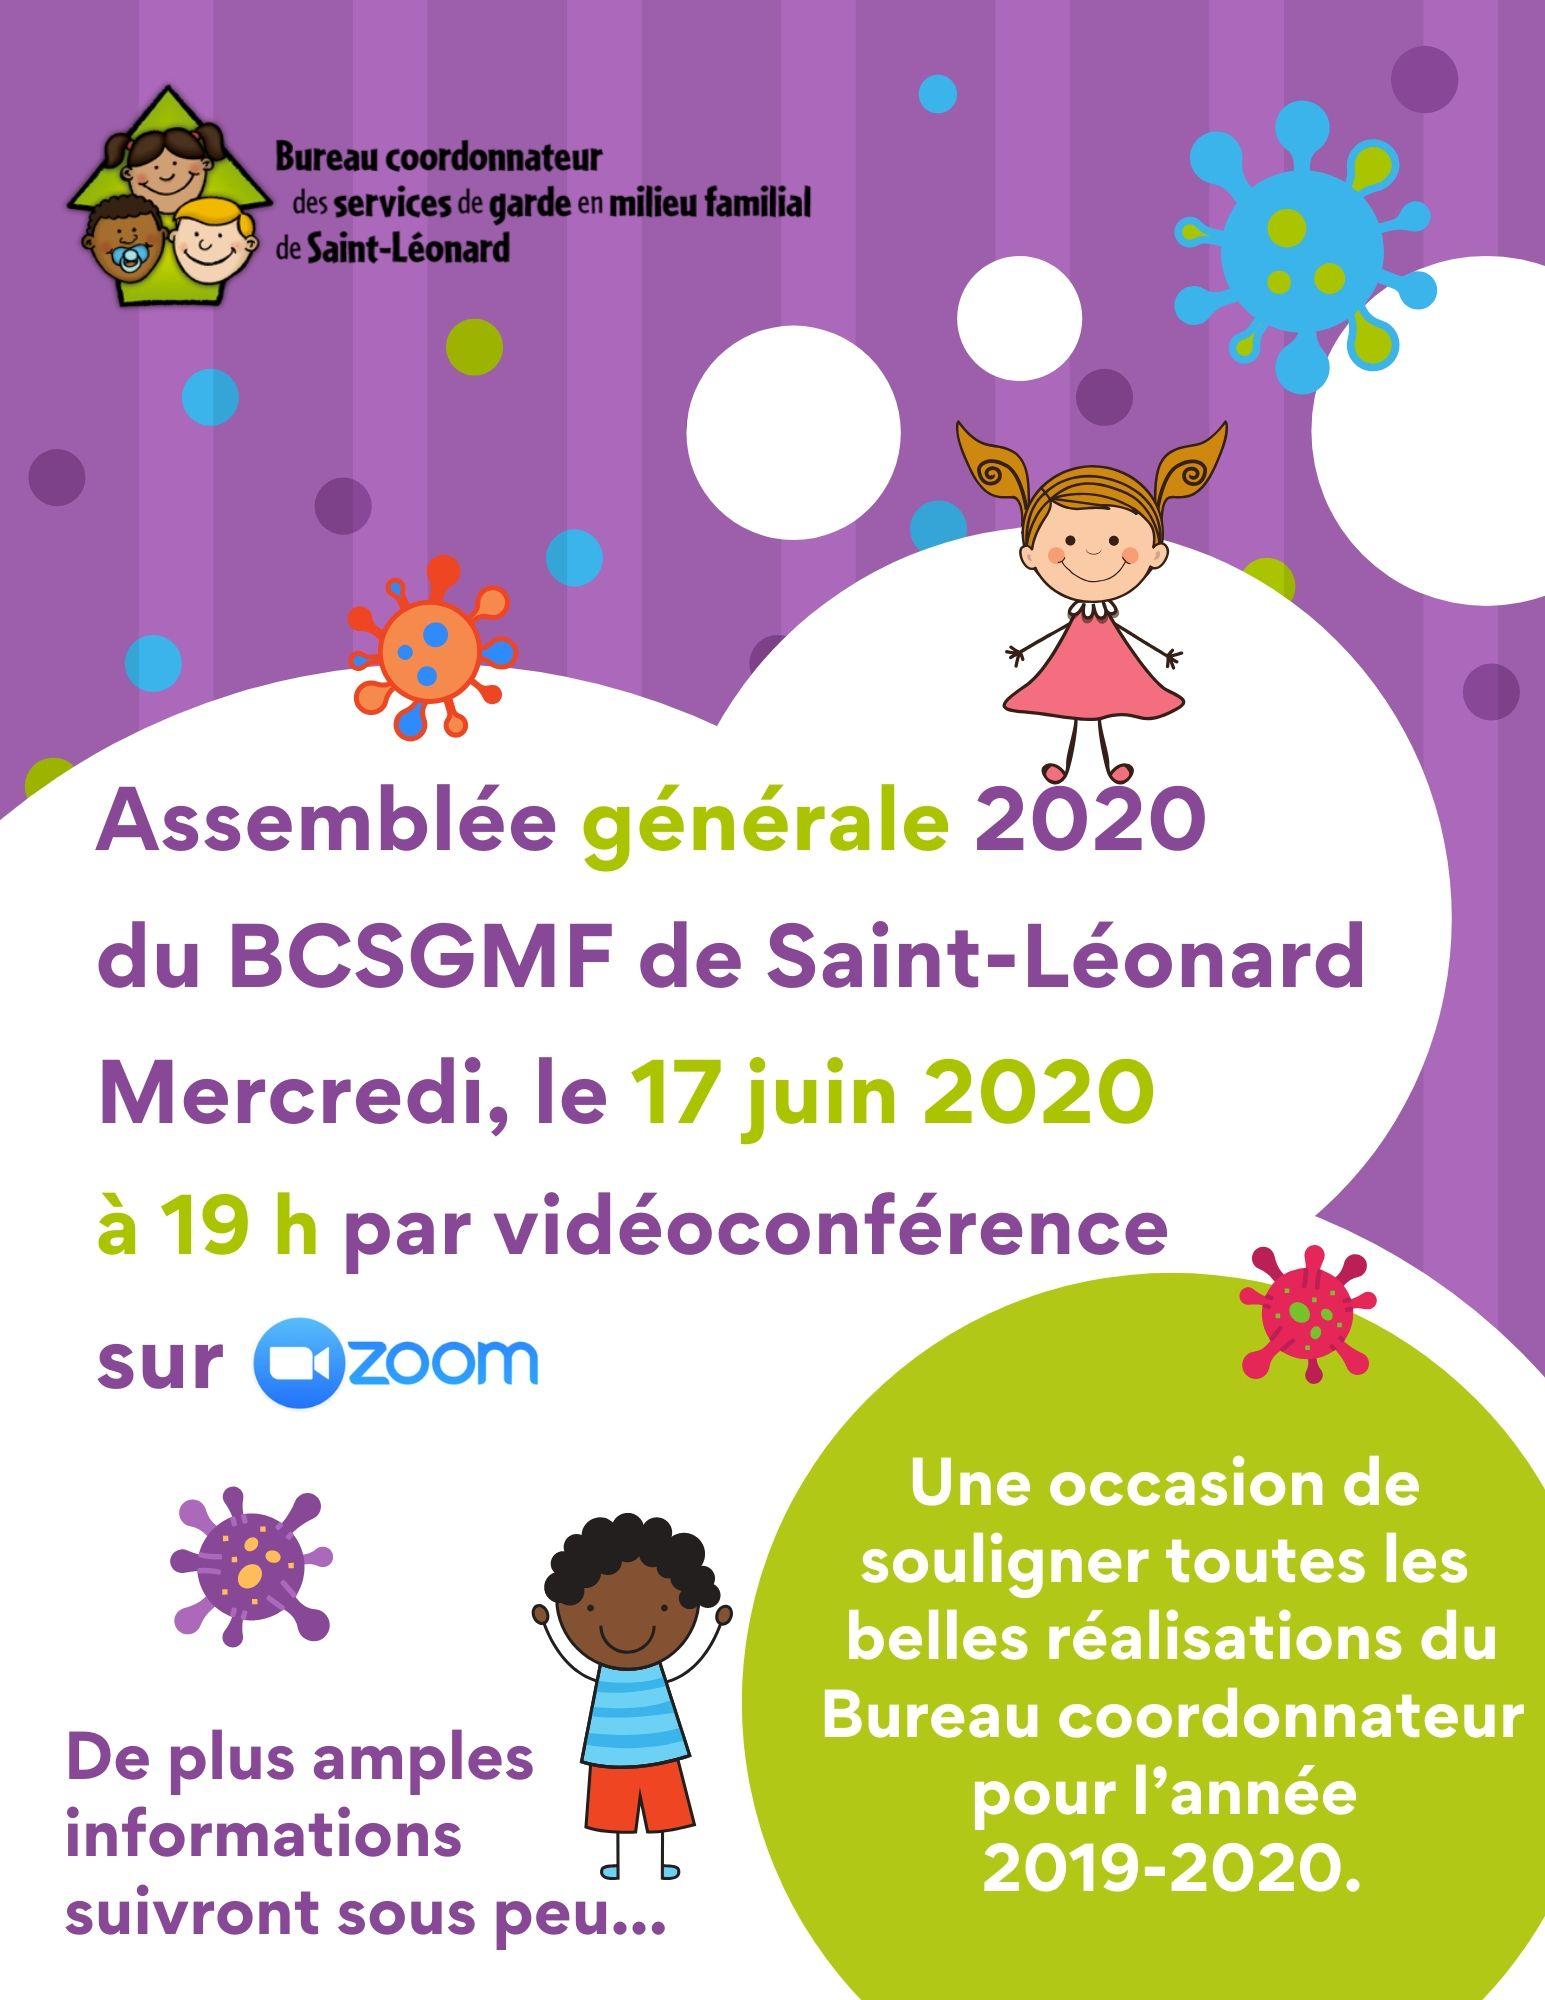 BC_AGA 2020